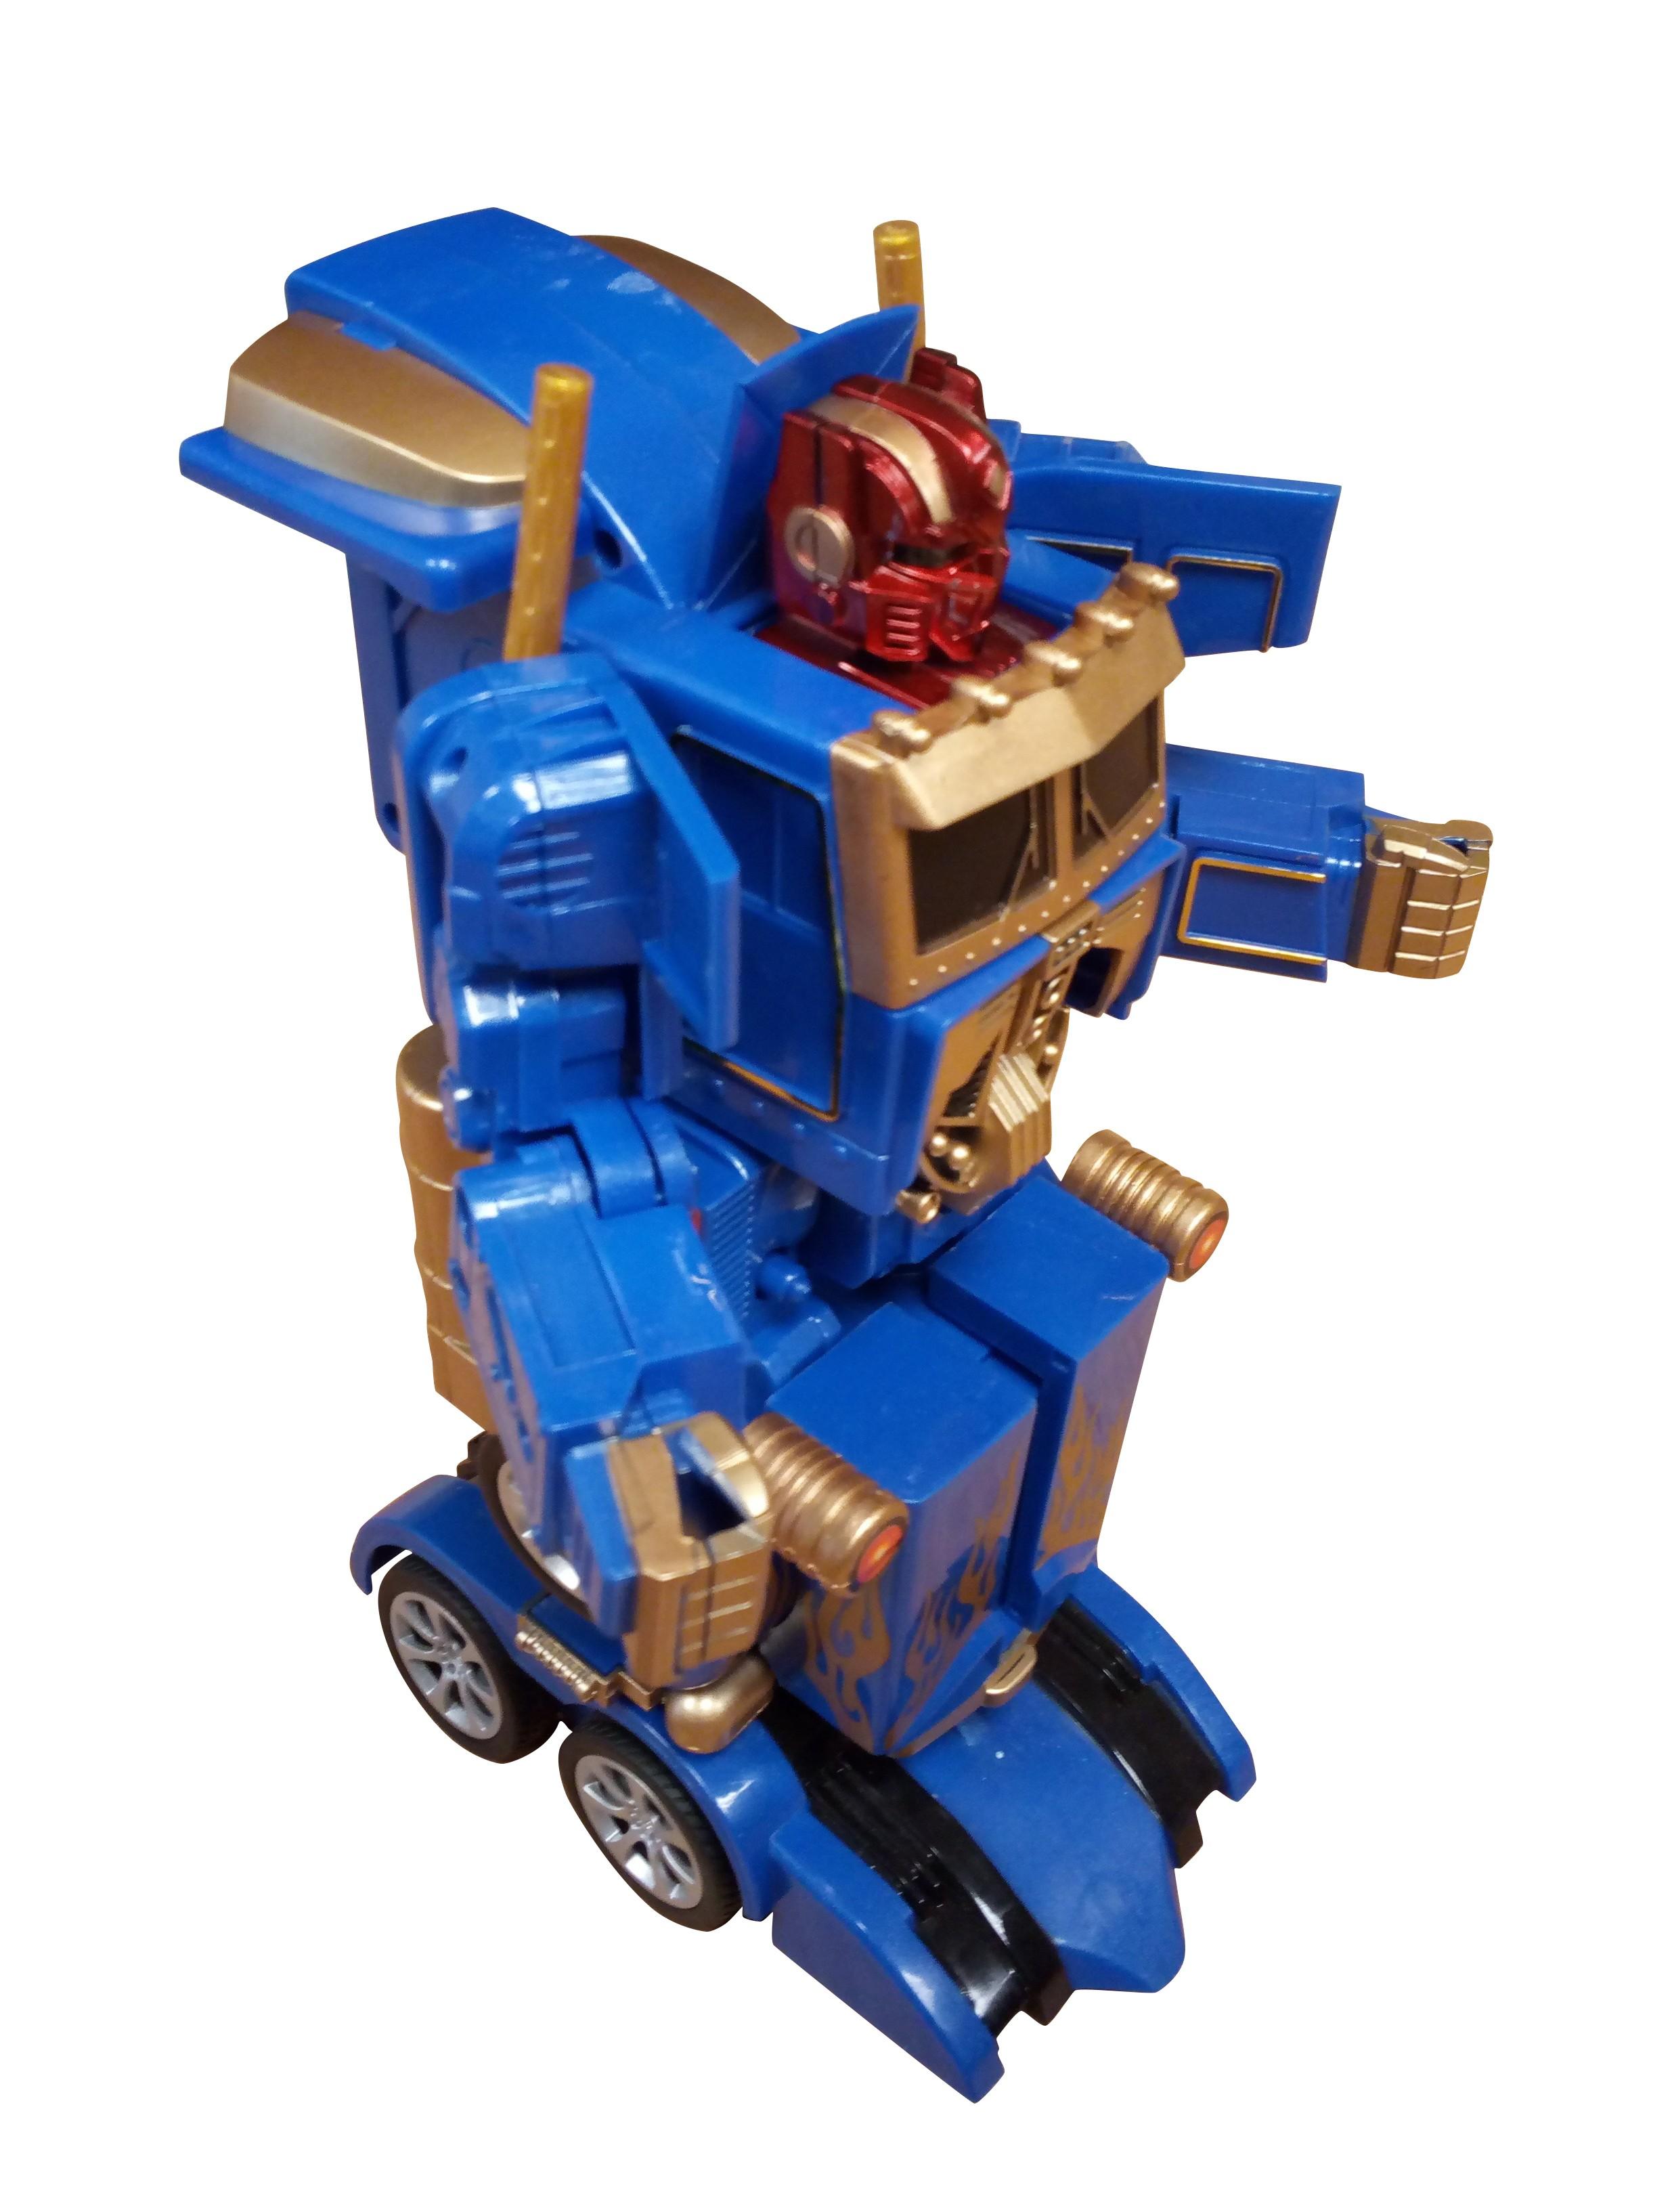 Радиоуправляемый робот трансформер - тягач «Оптимус Прайм ...